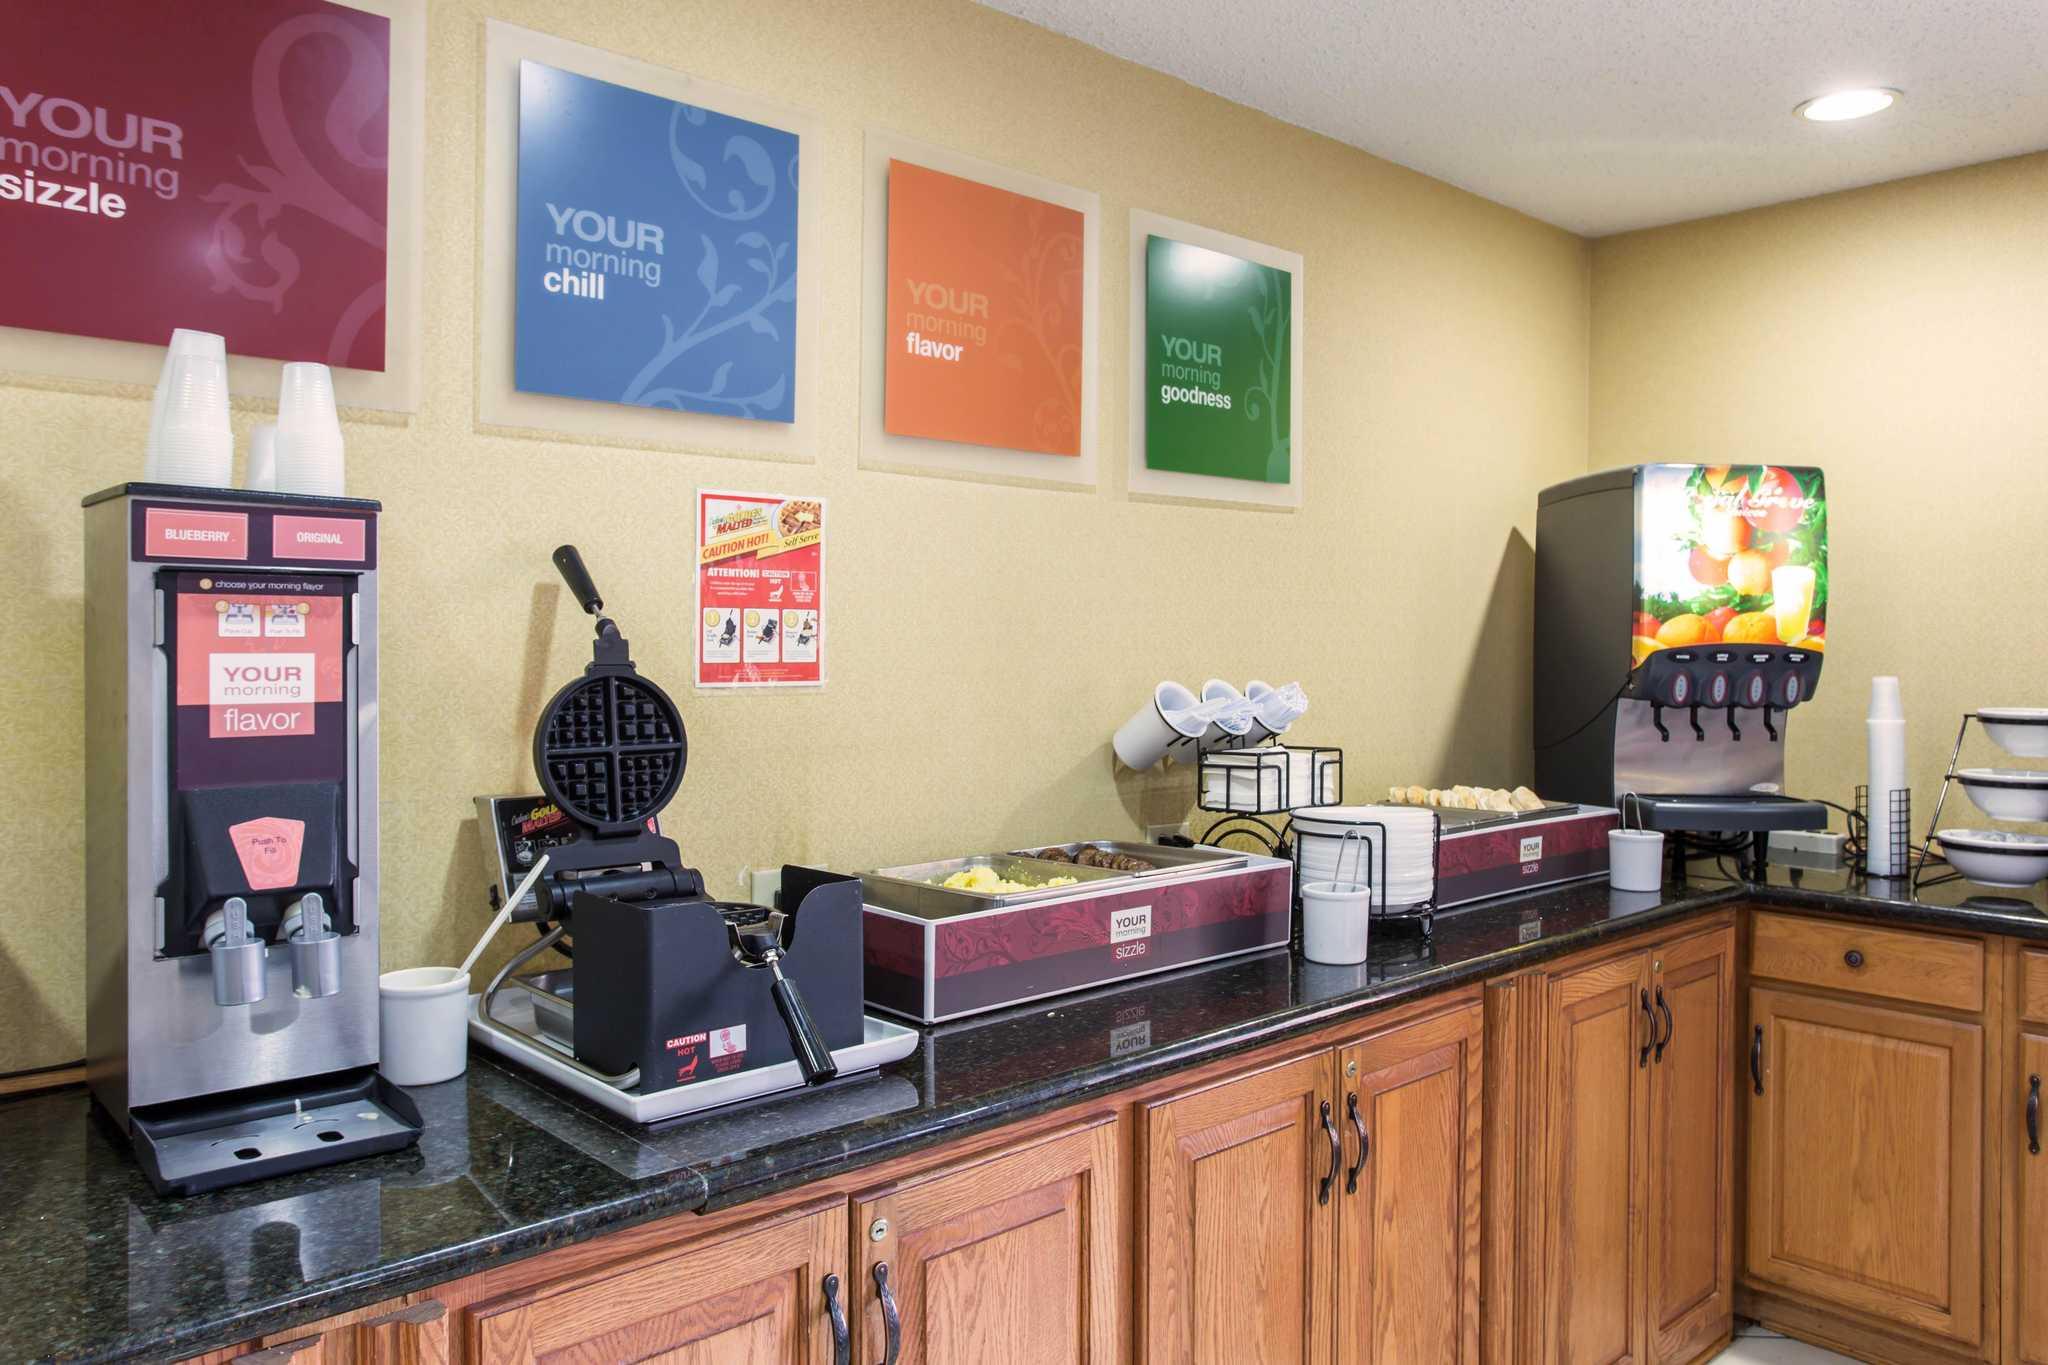 Comfort Inn image 30